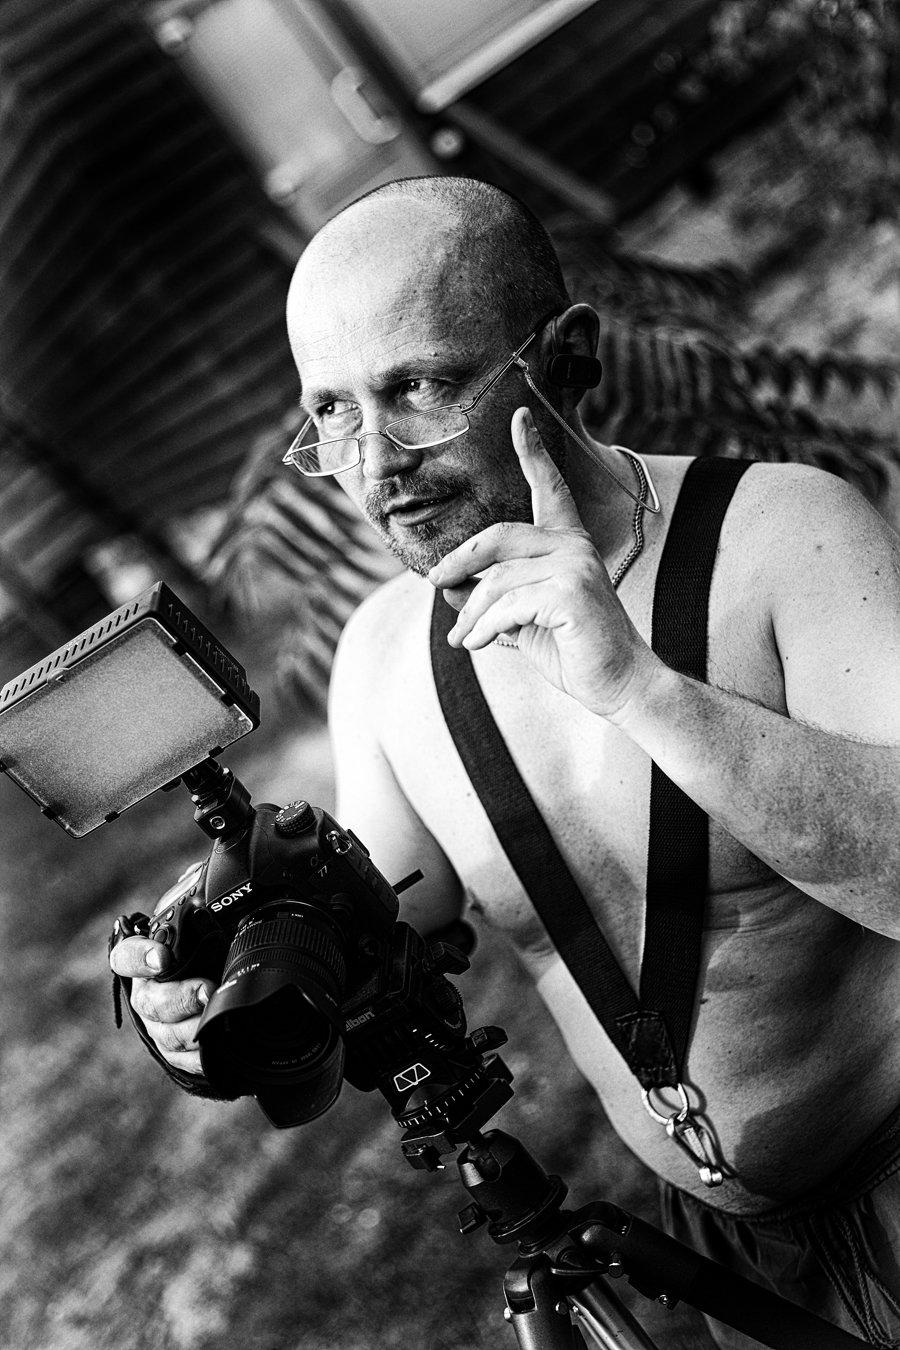 Путь репортажного фотографа